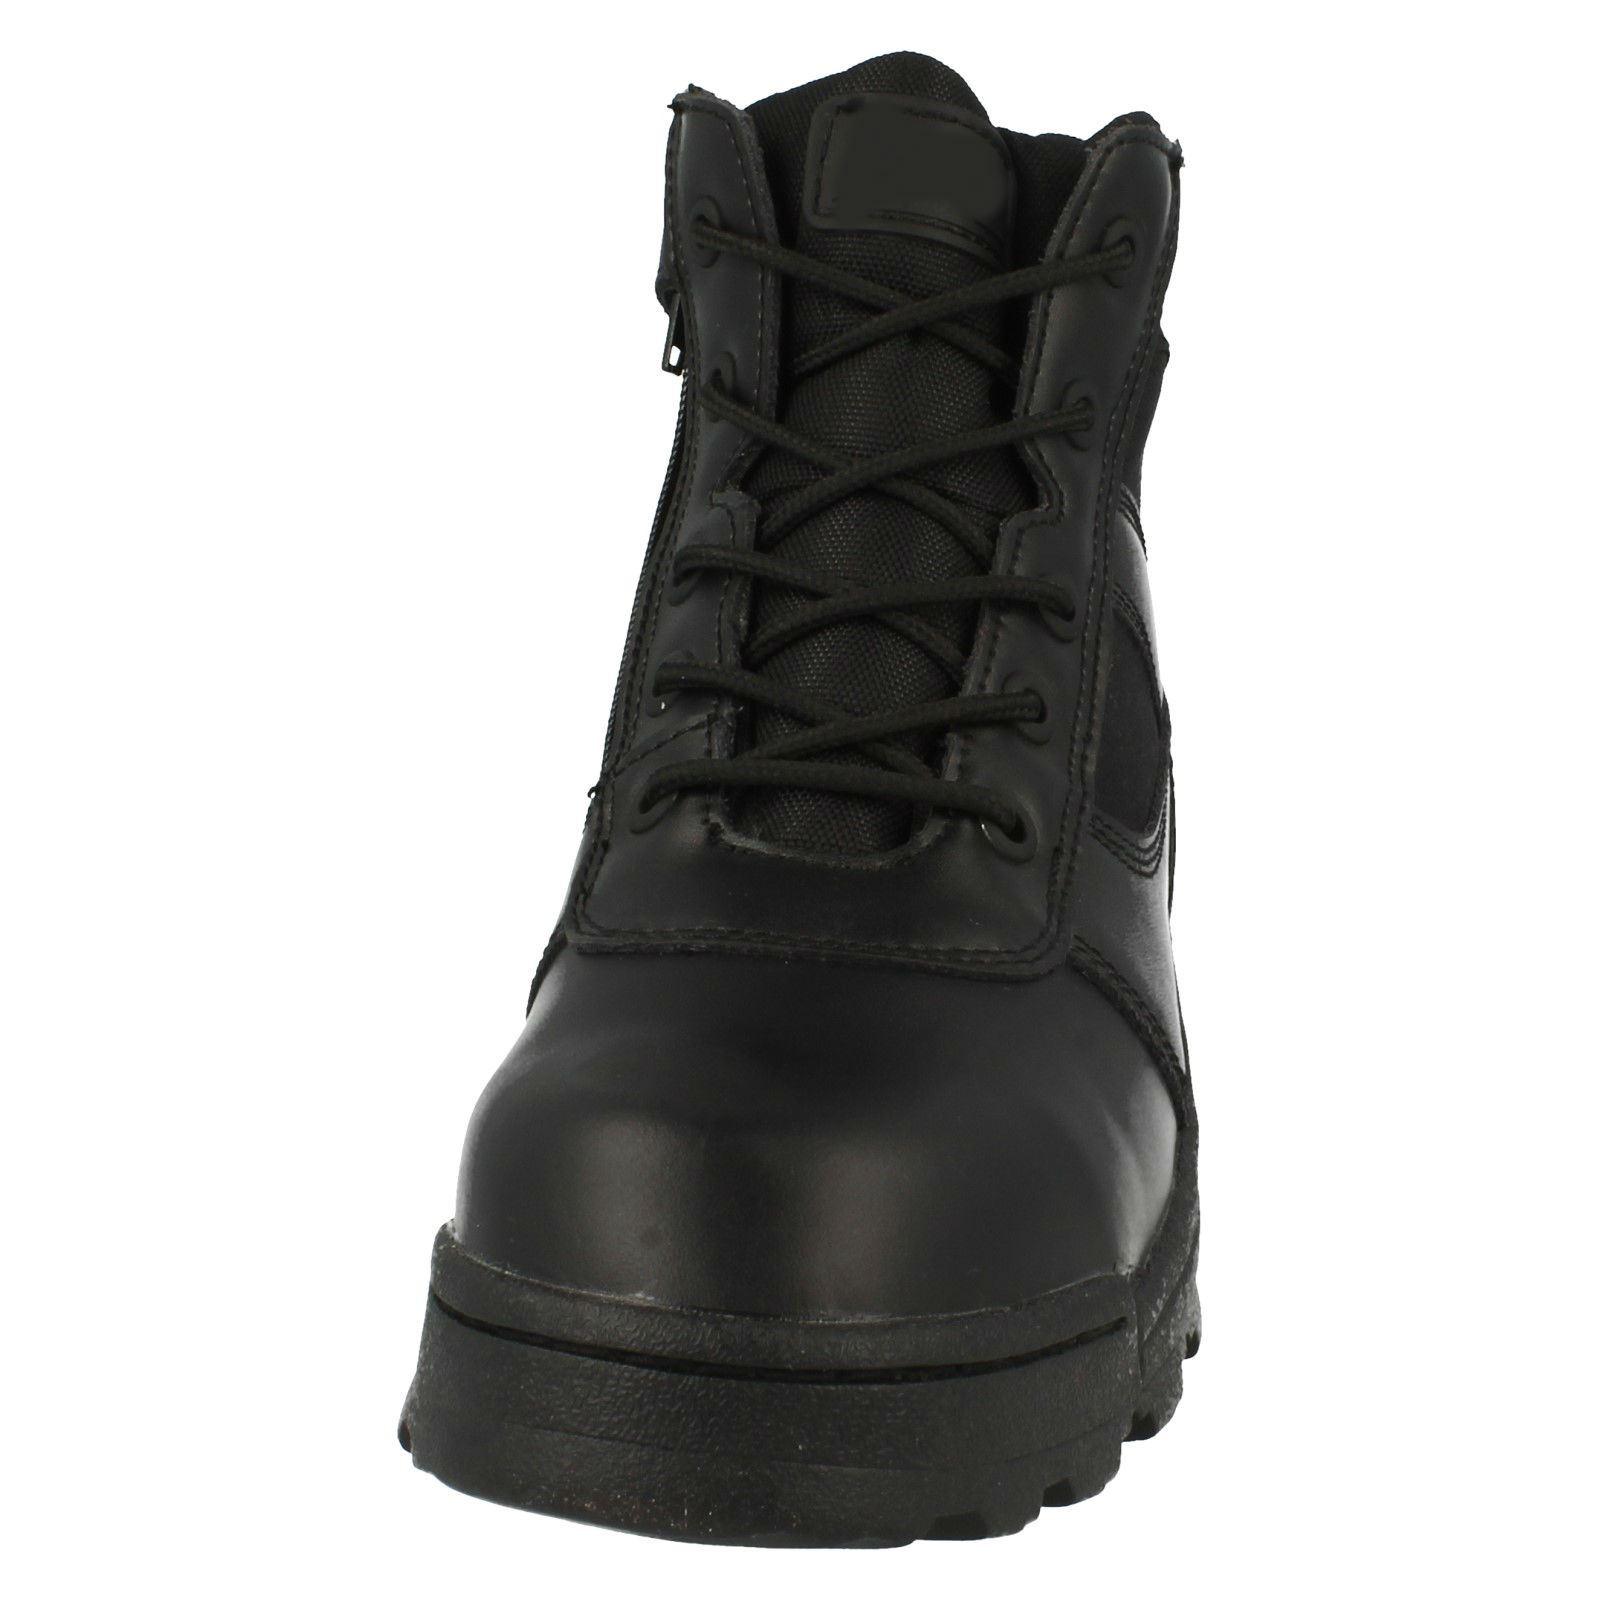 Mens Dura-Max Mid Zip Composite Toe Boots 4205 CTZ